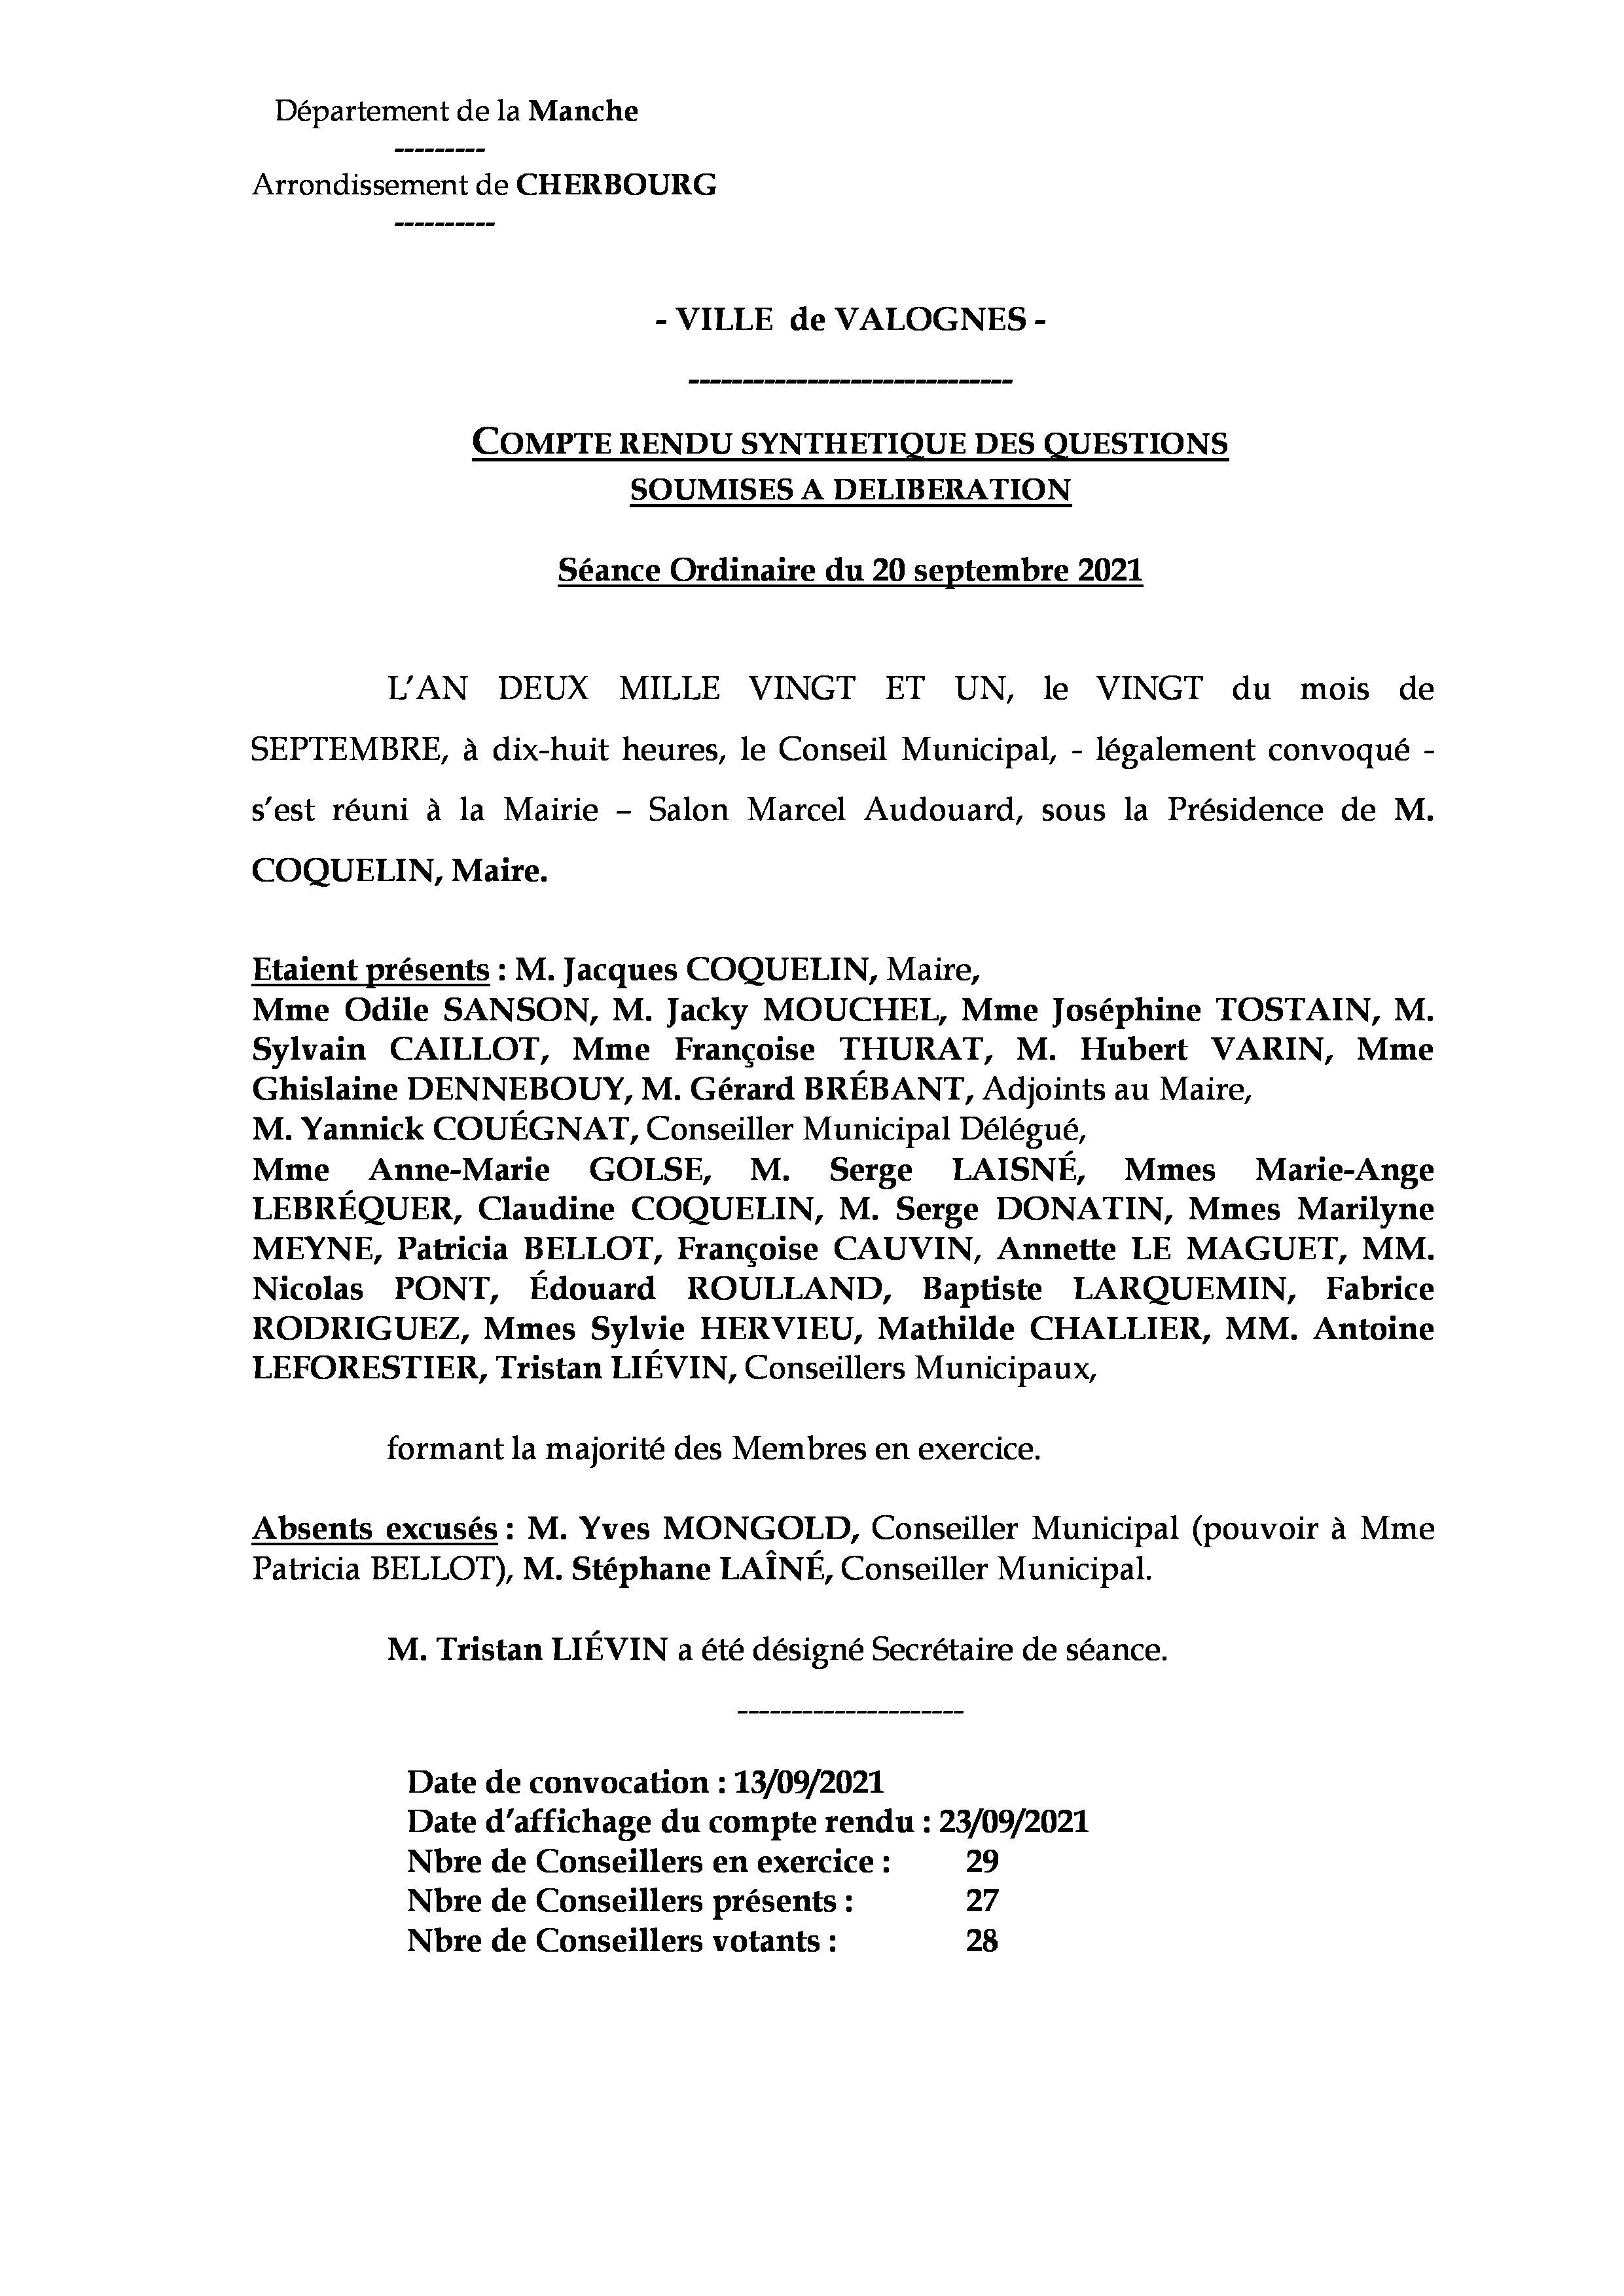 Compte rendu synthétique CM 20 09 21 - Compte rendu synthétique des questions soumises à délibération lors de la séance du Conseil Municipal du 20 septembre 2021.